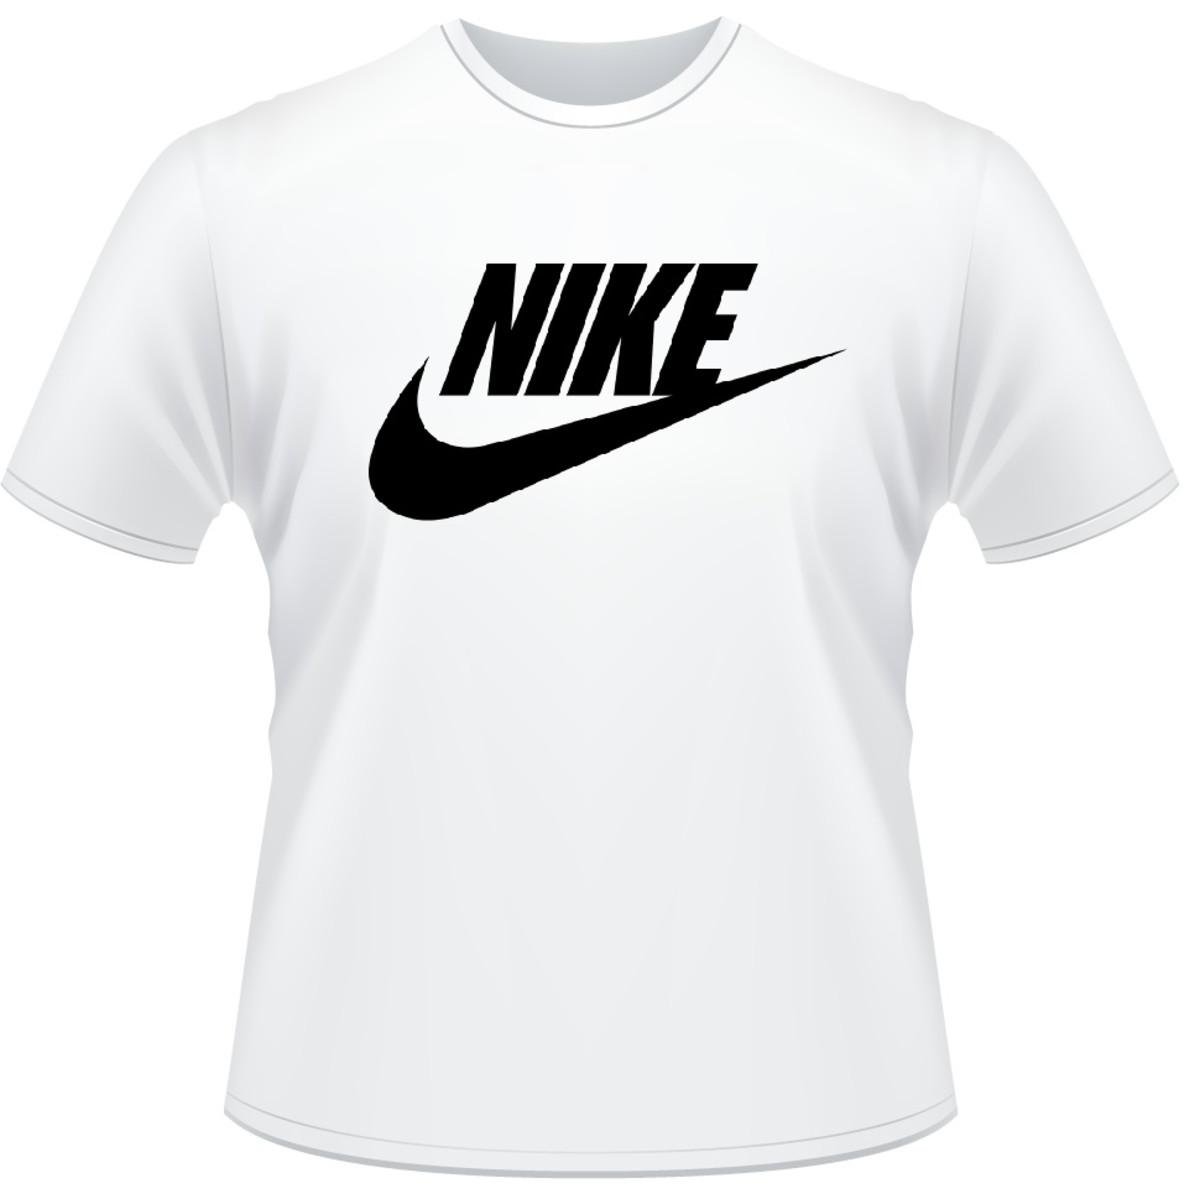 1414a1f47 Camiseta Camisa Blusa Nike no Elo7